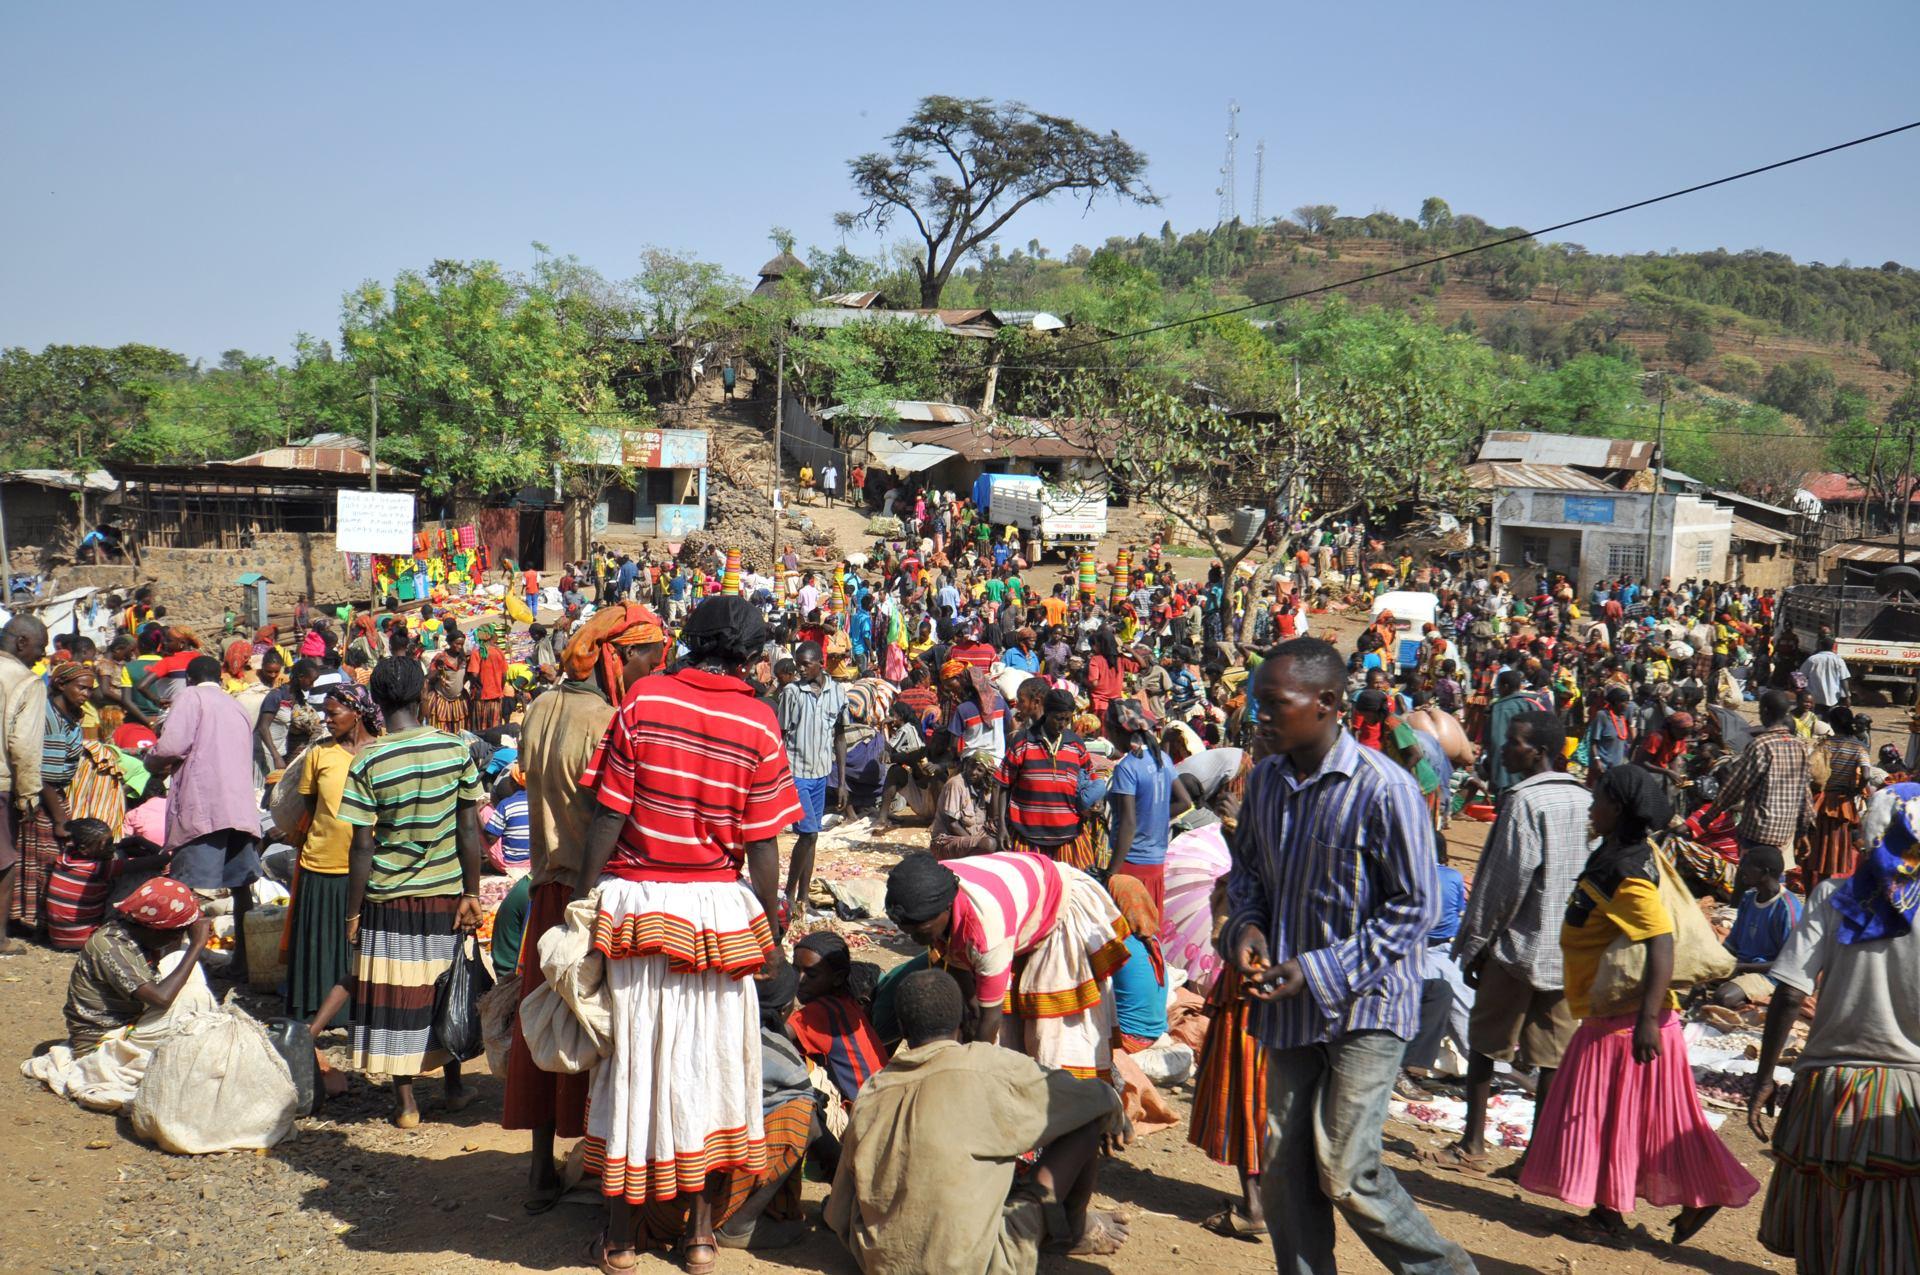 Marché coloré (Konso, Ethiopie)